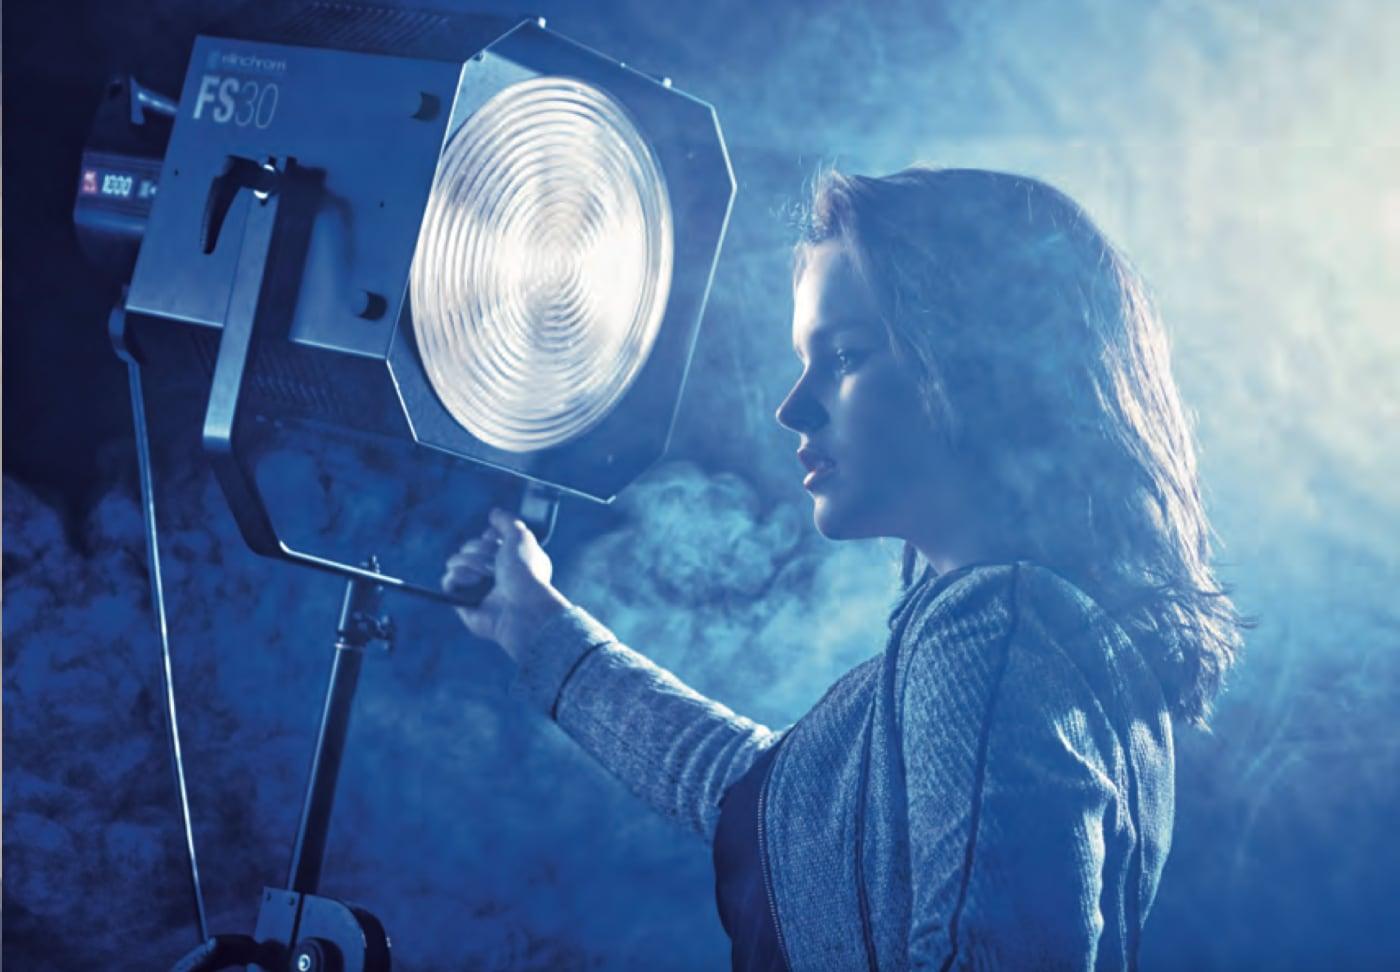 foto Frank Doorhof: meisje bij fotolamp, uit Fotograferen in elke situatie